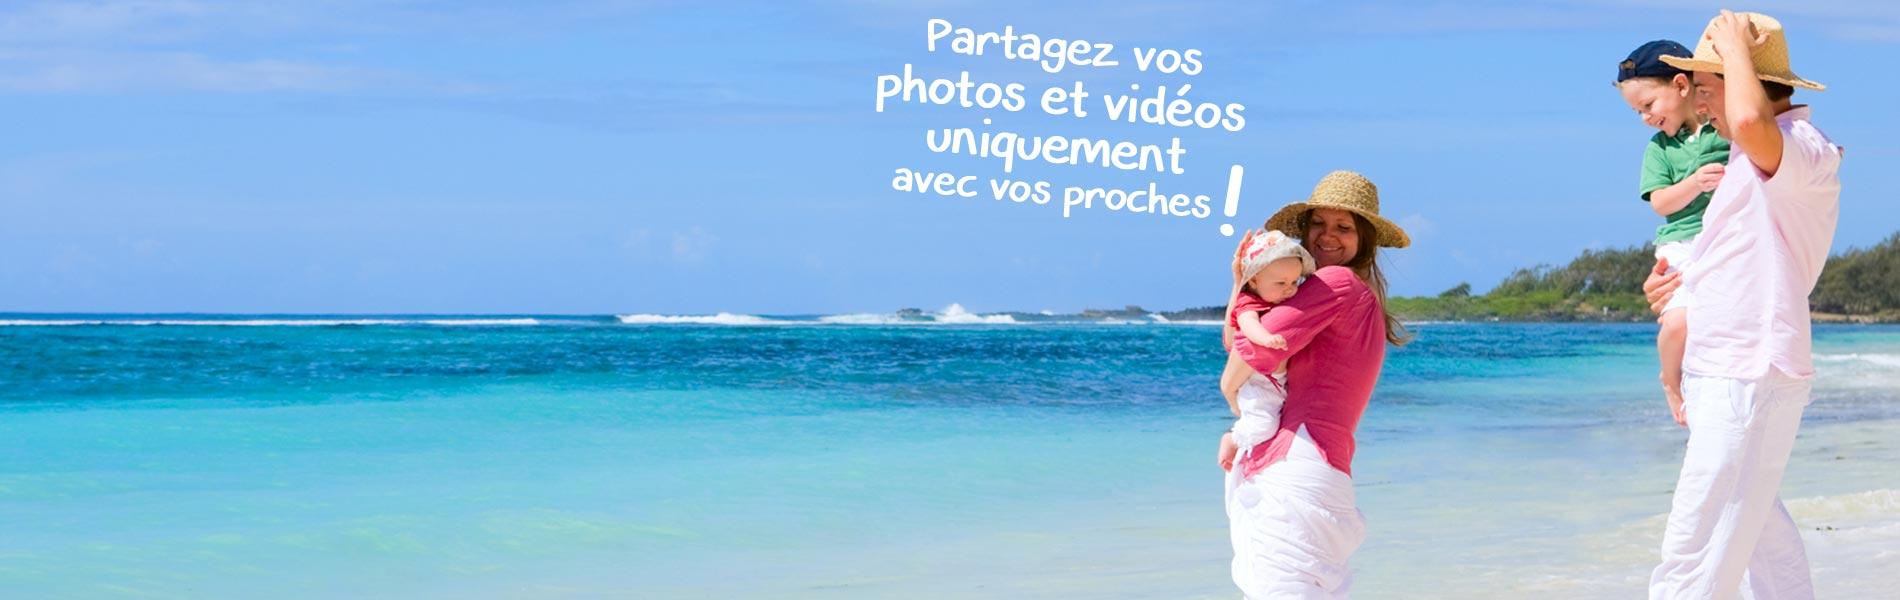 Créez votre blog voyage 100% privé pour partager avec votre famille et vos amis